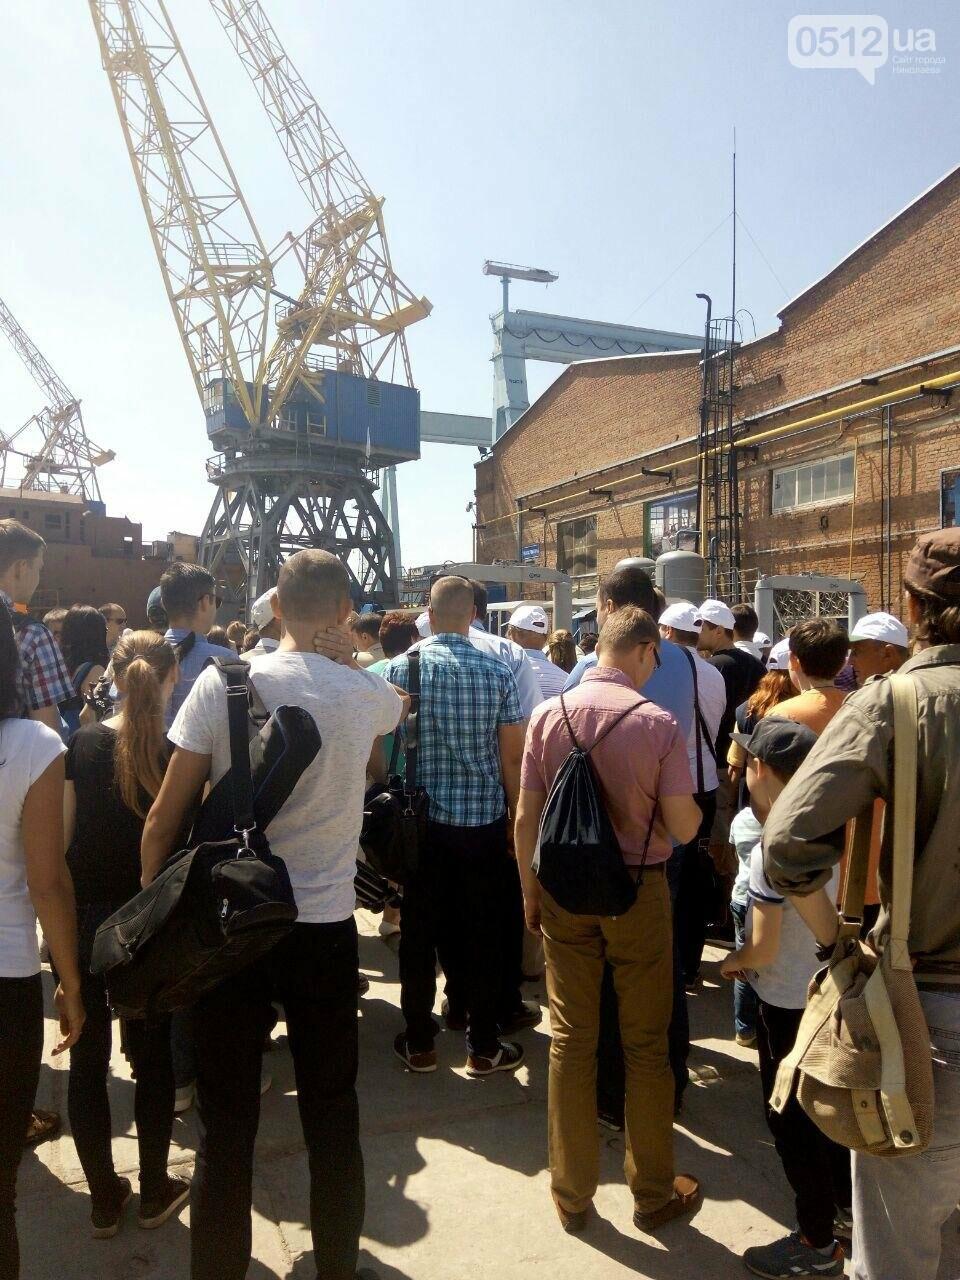 В Николаев прибыл президент Петр Порошенко, - ФОТО, ВИДЕО, фото-12